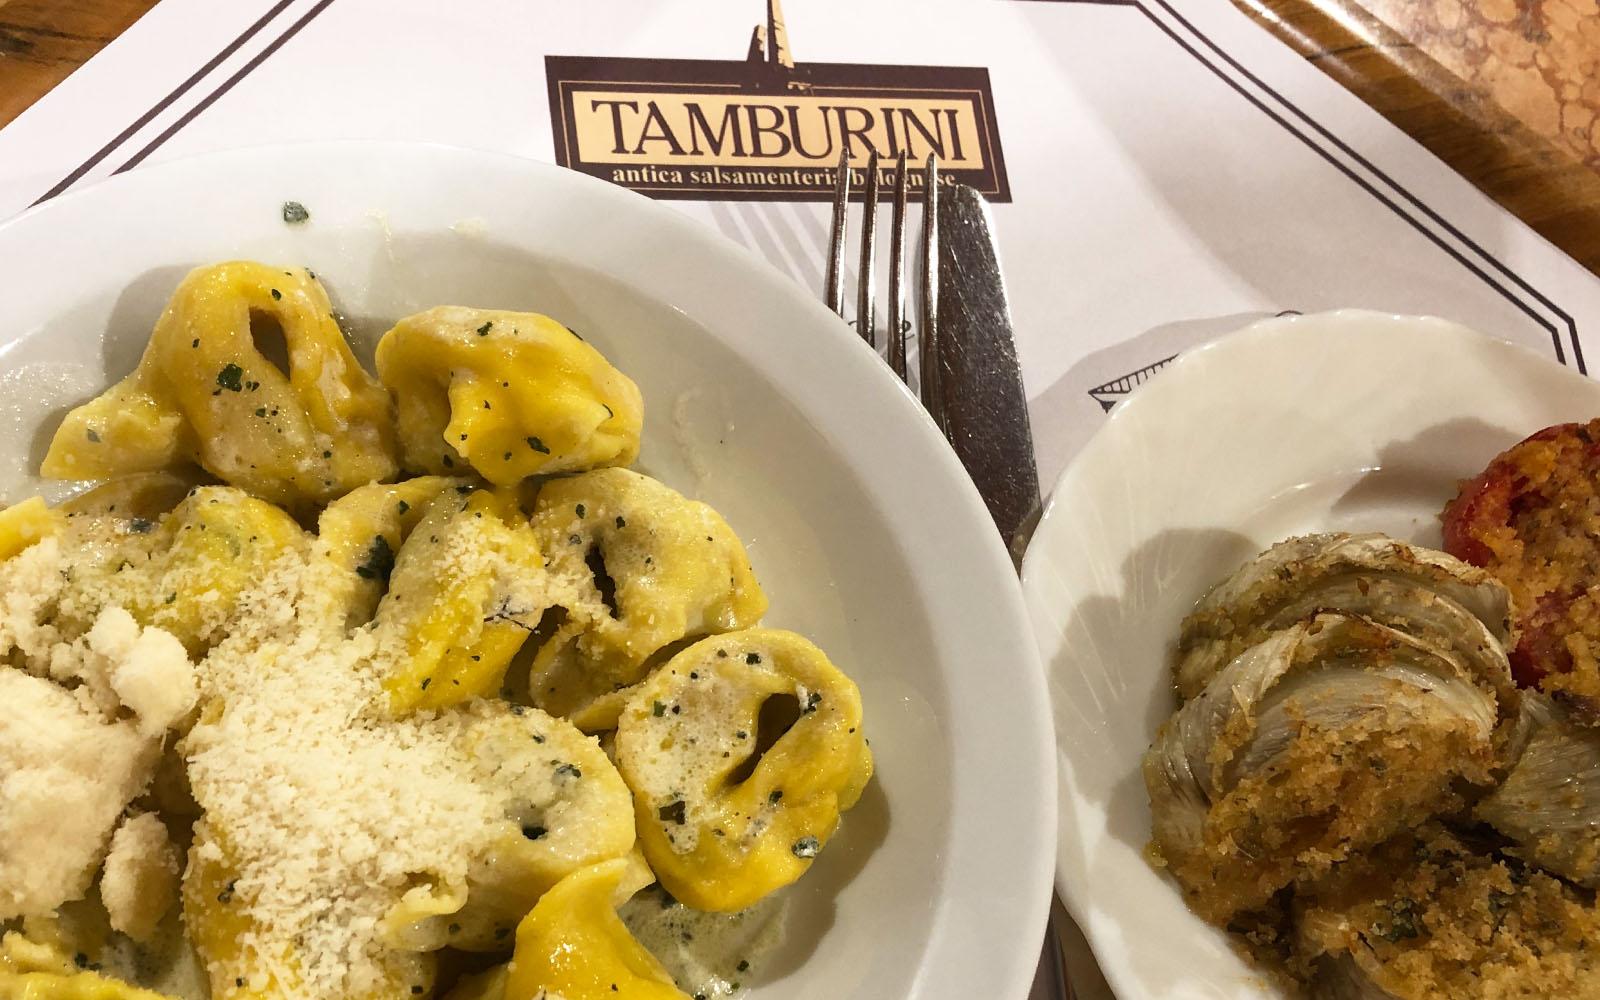 Il mio pranzo da Tamburini, storica salsamenteria di Bologna. © oltreilbalcone